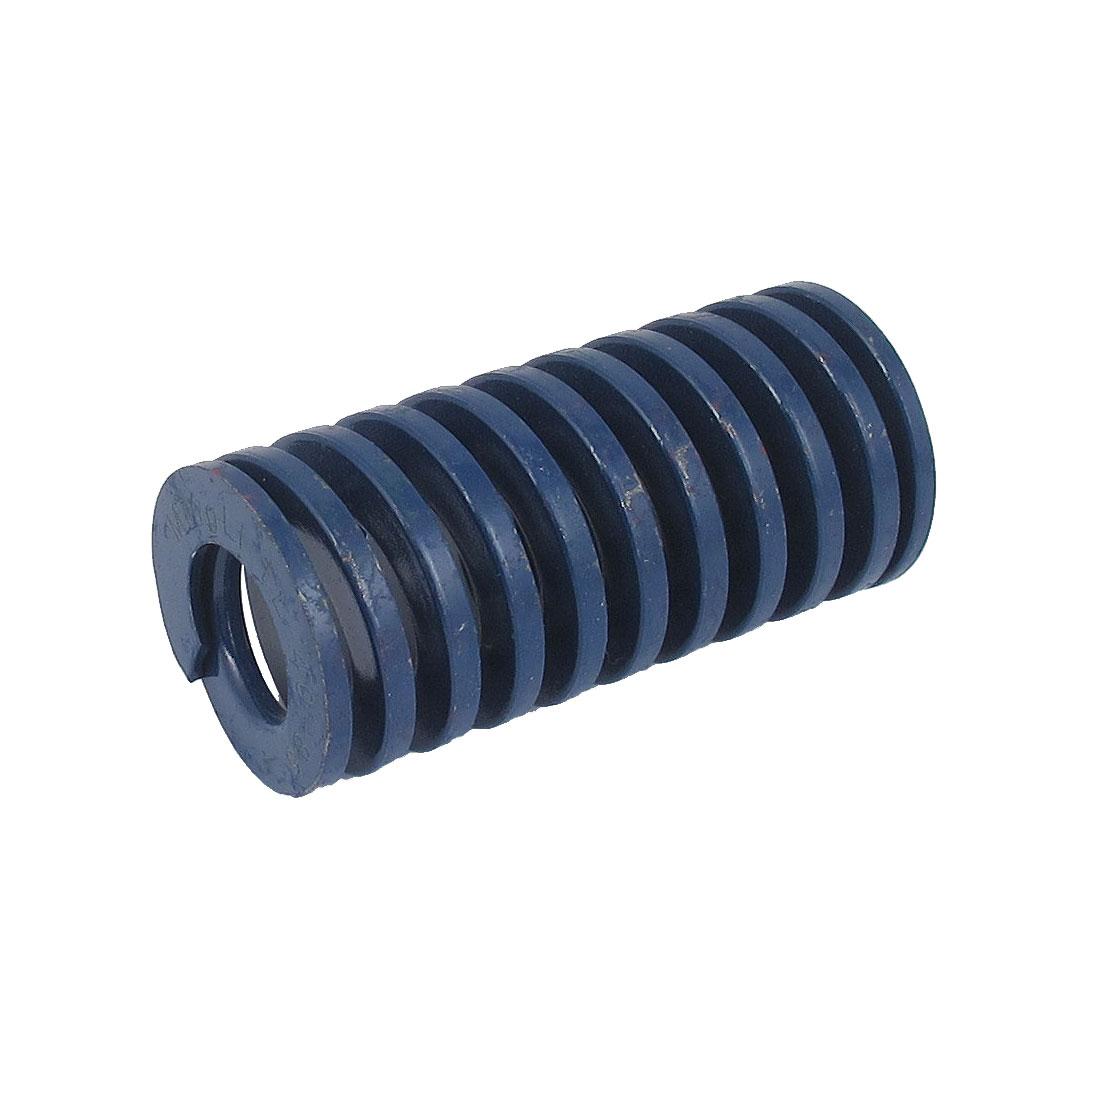 40mm OD 85mm Long Light Load Spiral Stamping Compression Die Spring Blue